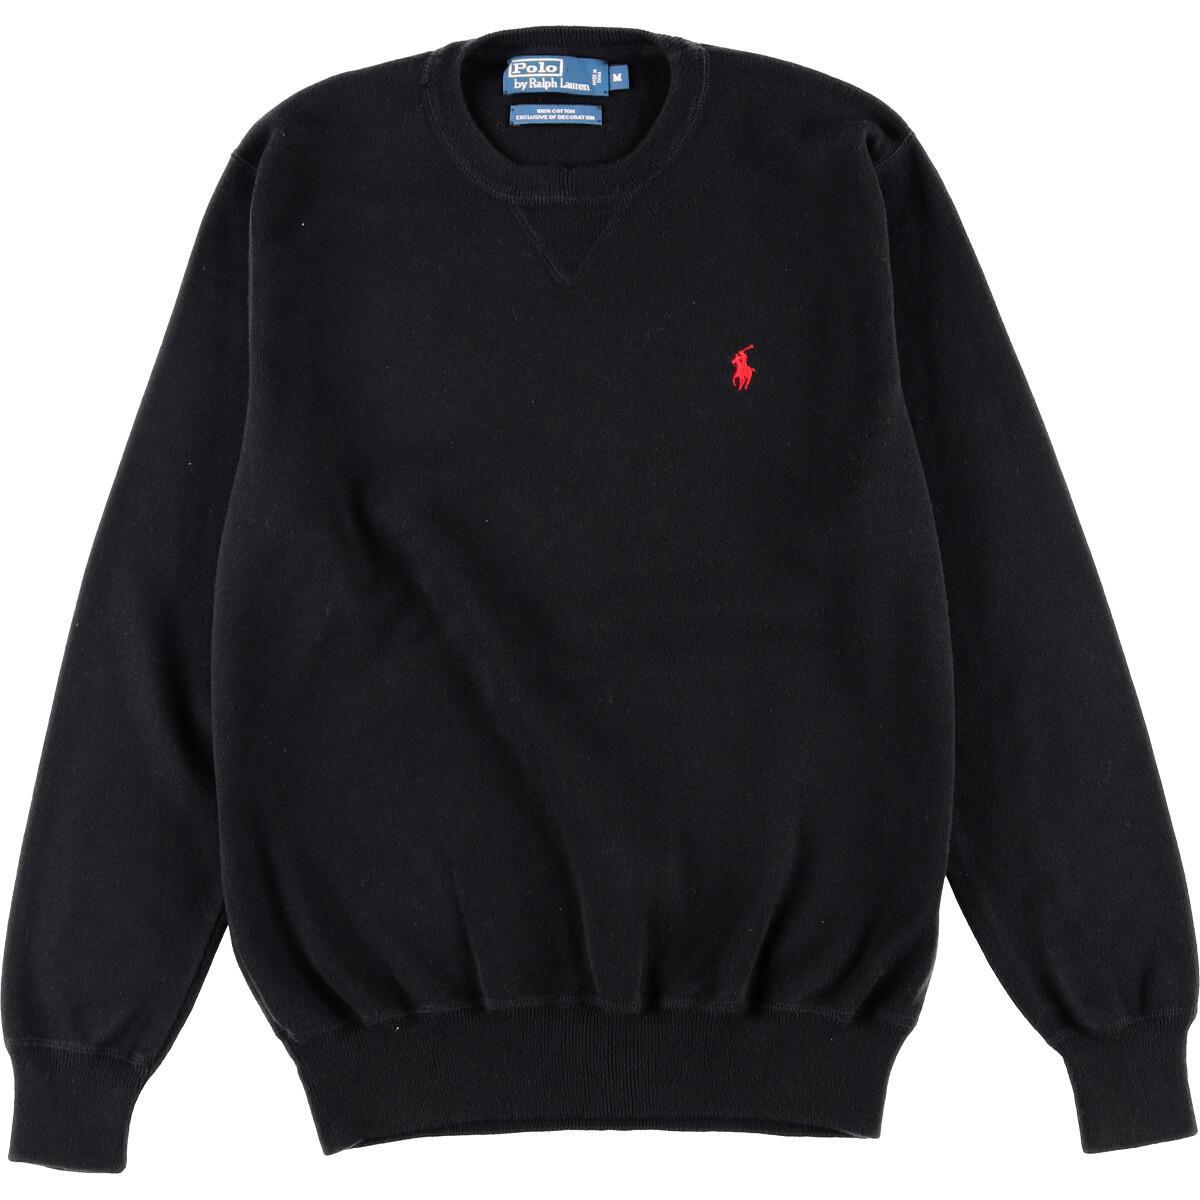 古着屋JAMのラルフローレンのニットセーター